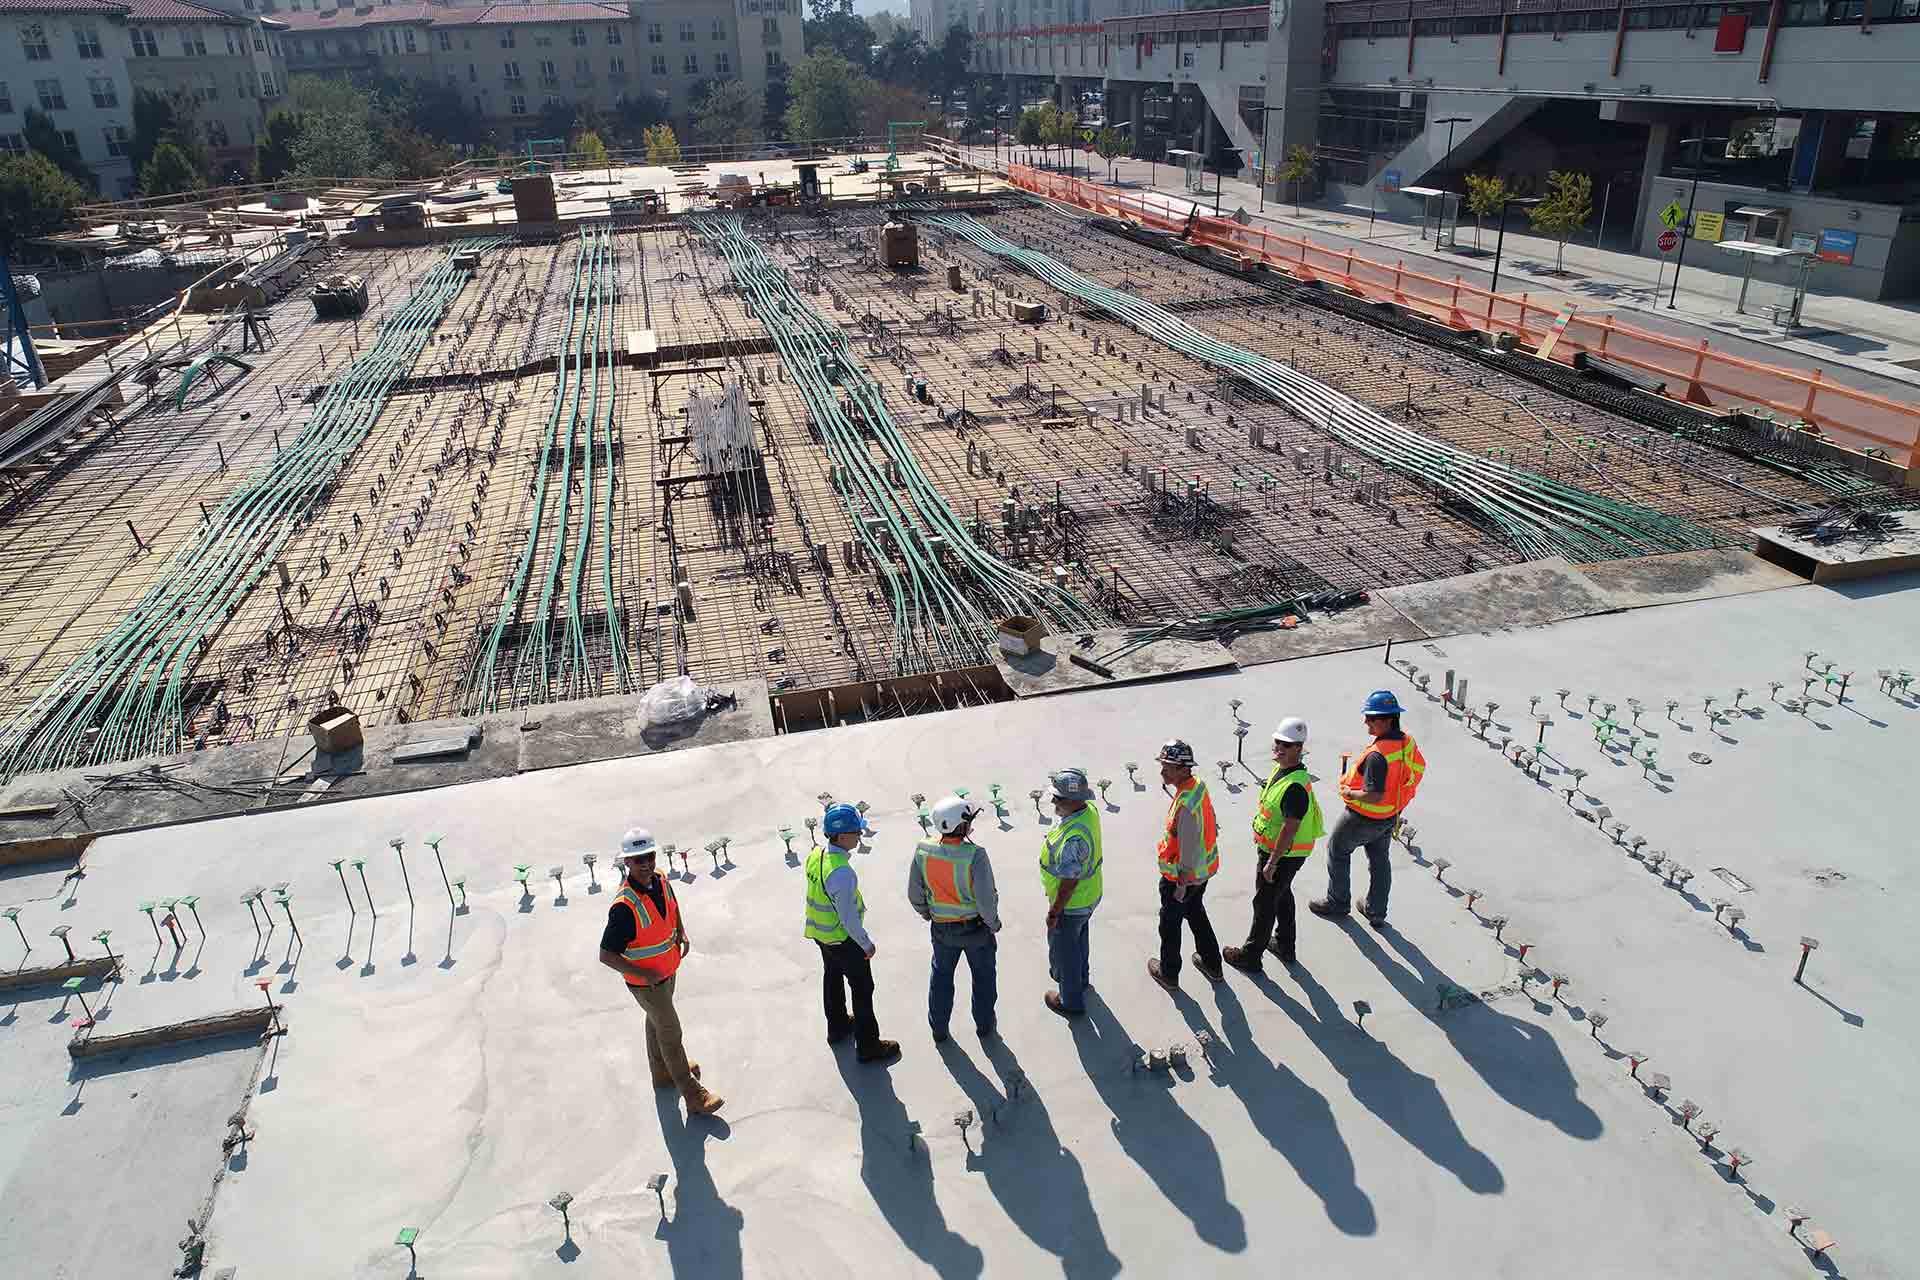 Statutory Warranties group of workers on site